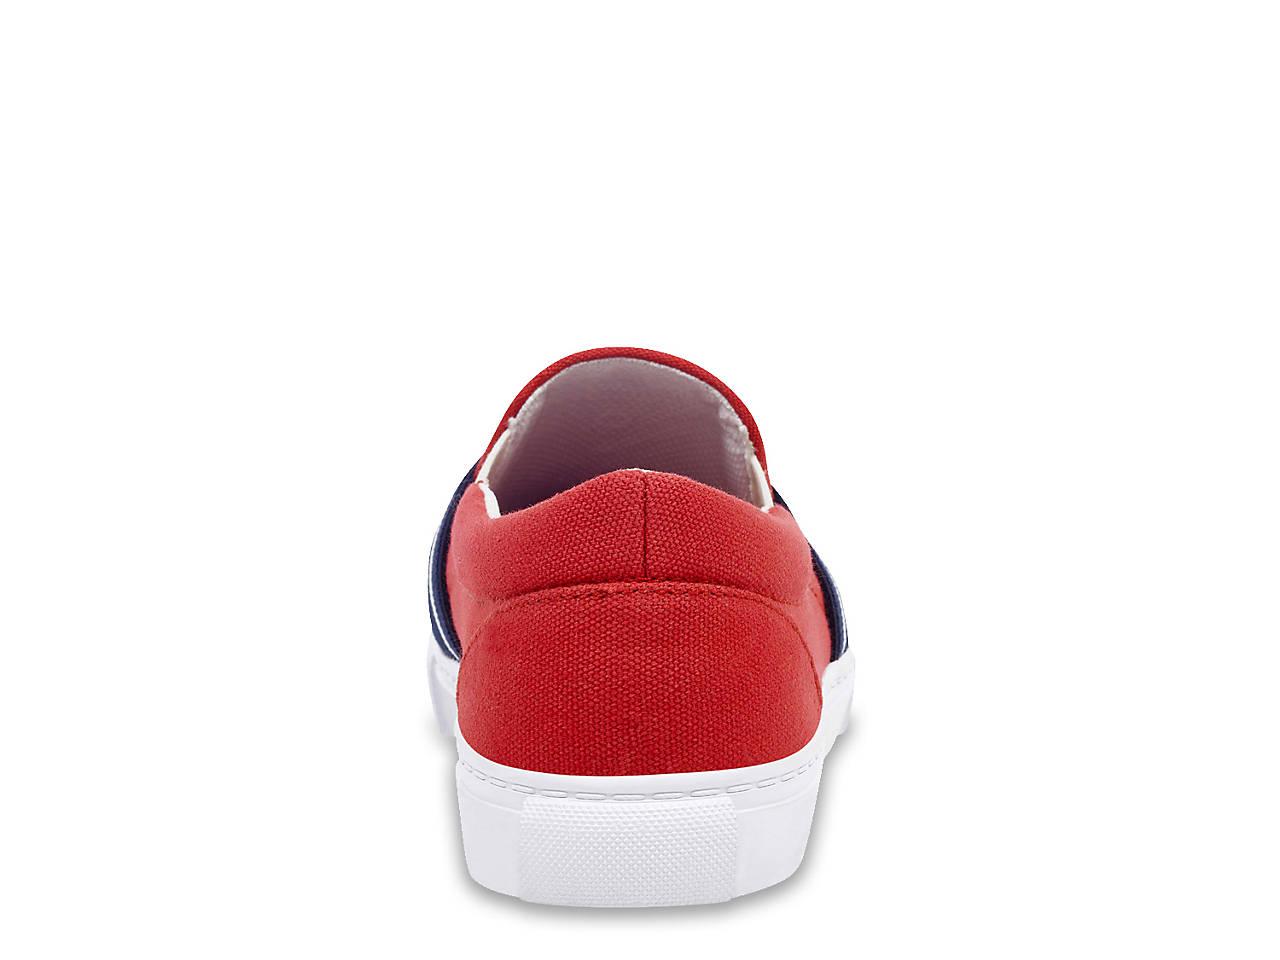 546ef3a6c Tommy Hilfiger Lourena 2 Slip-On Sneaker Women's Shoes | DSW